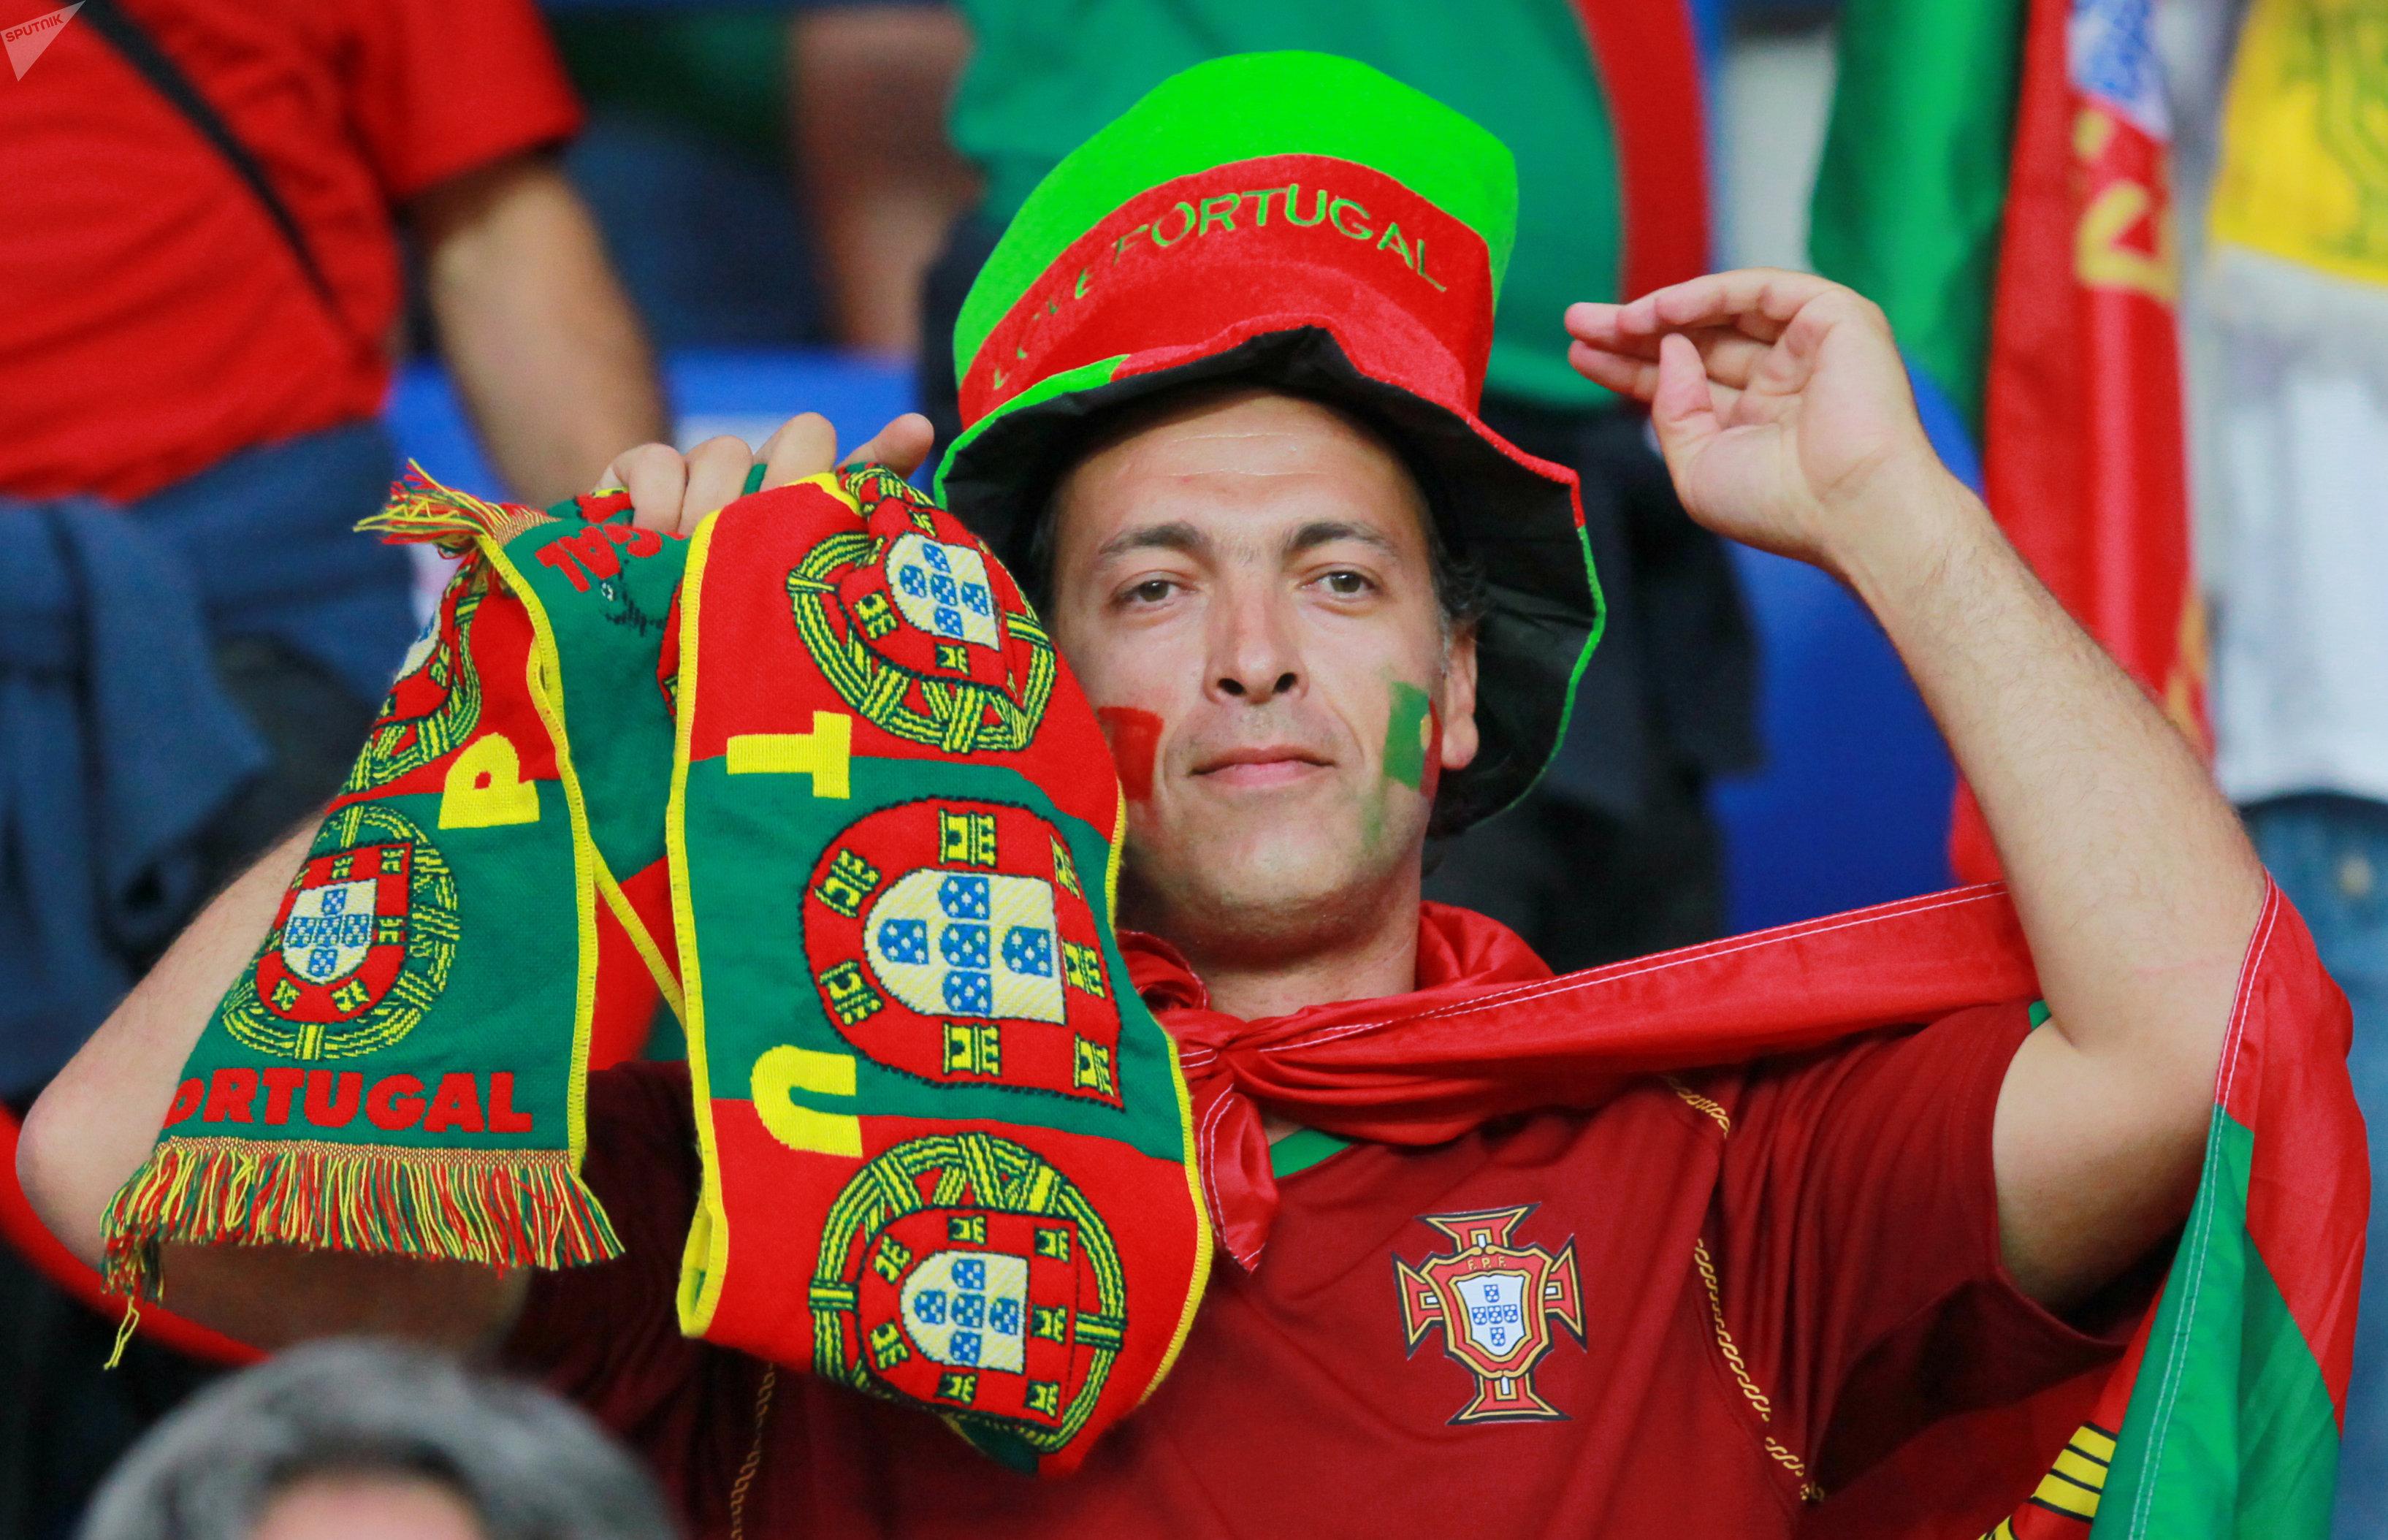 Португальские болельщики ждут от своей команды повторения чуда – после покорившегося чемпионата Европы им нужен Кубок мира